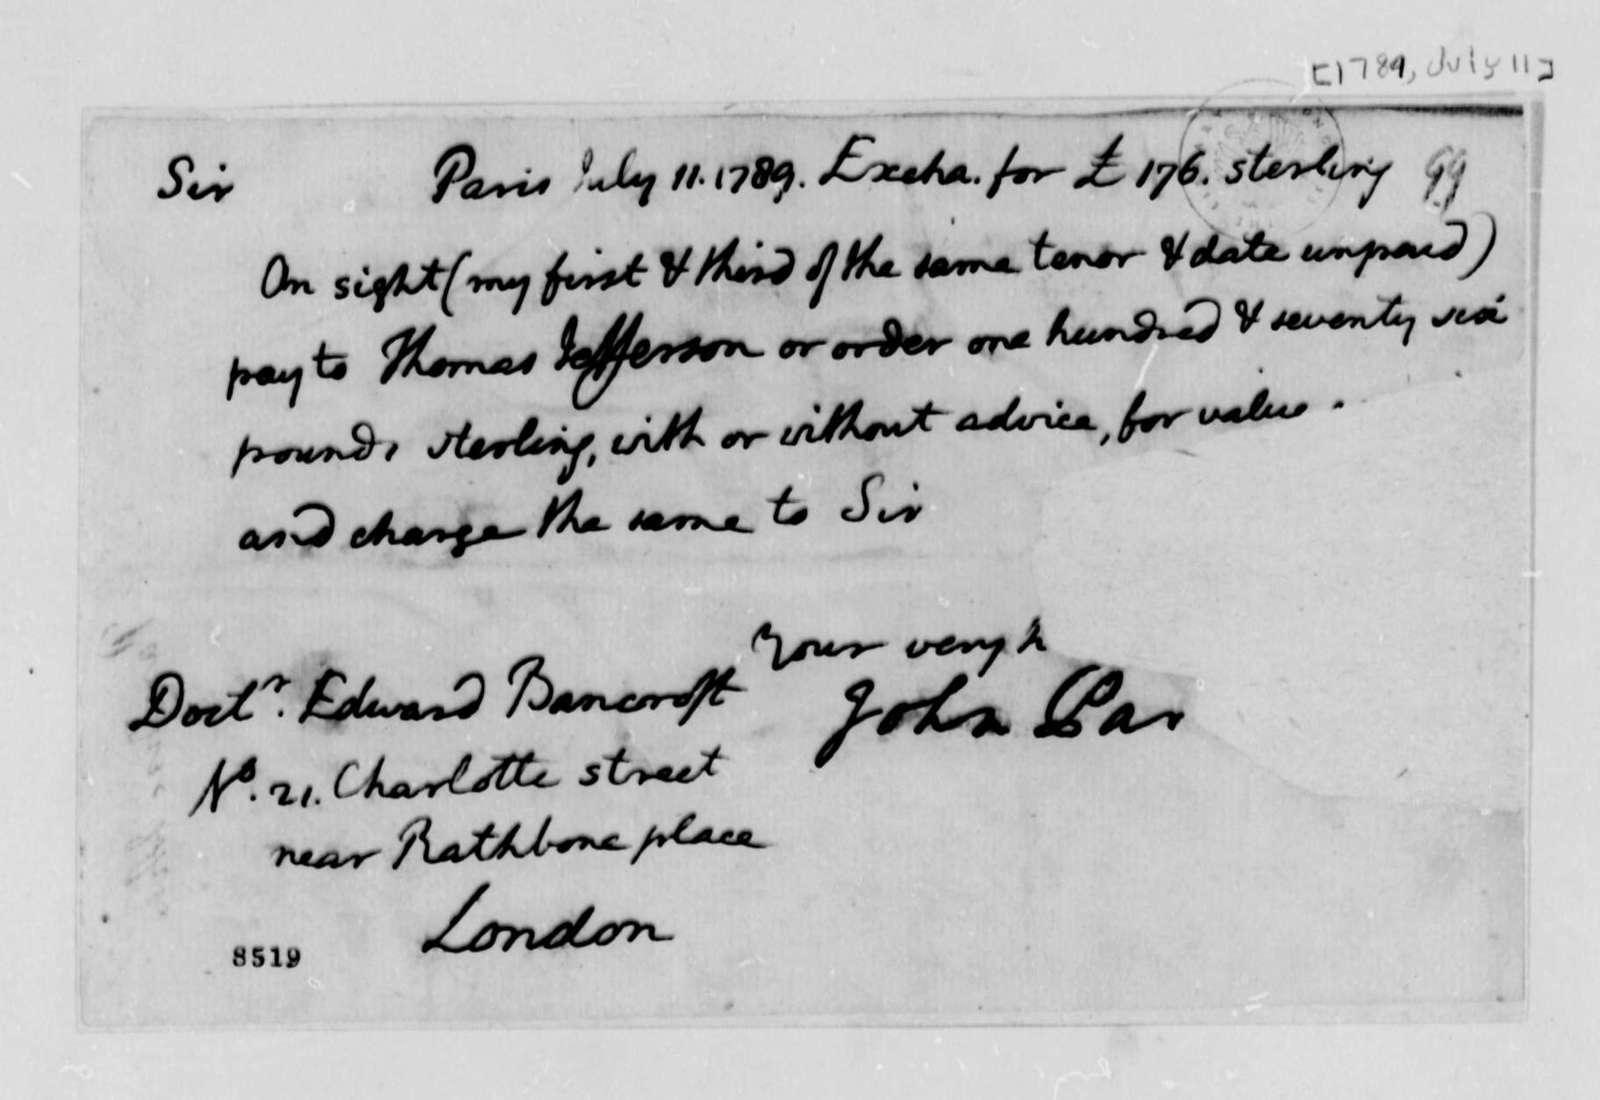 John Paradise to Edward Bancroft, July 11, 1789, with Copy